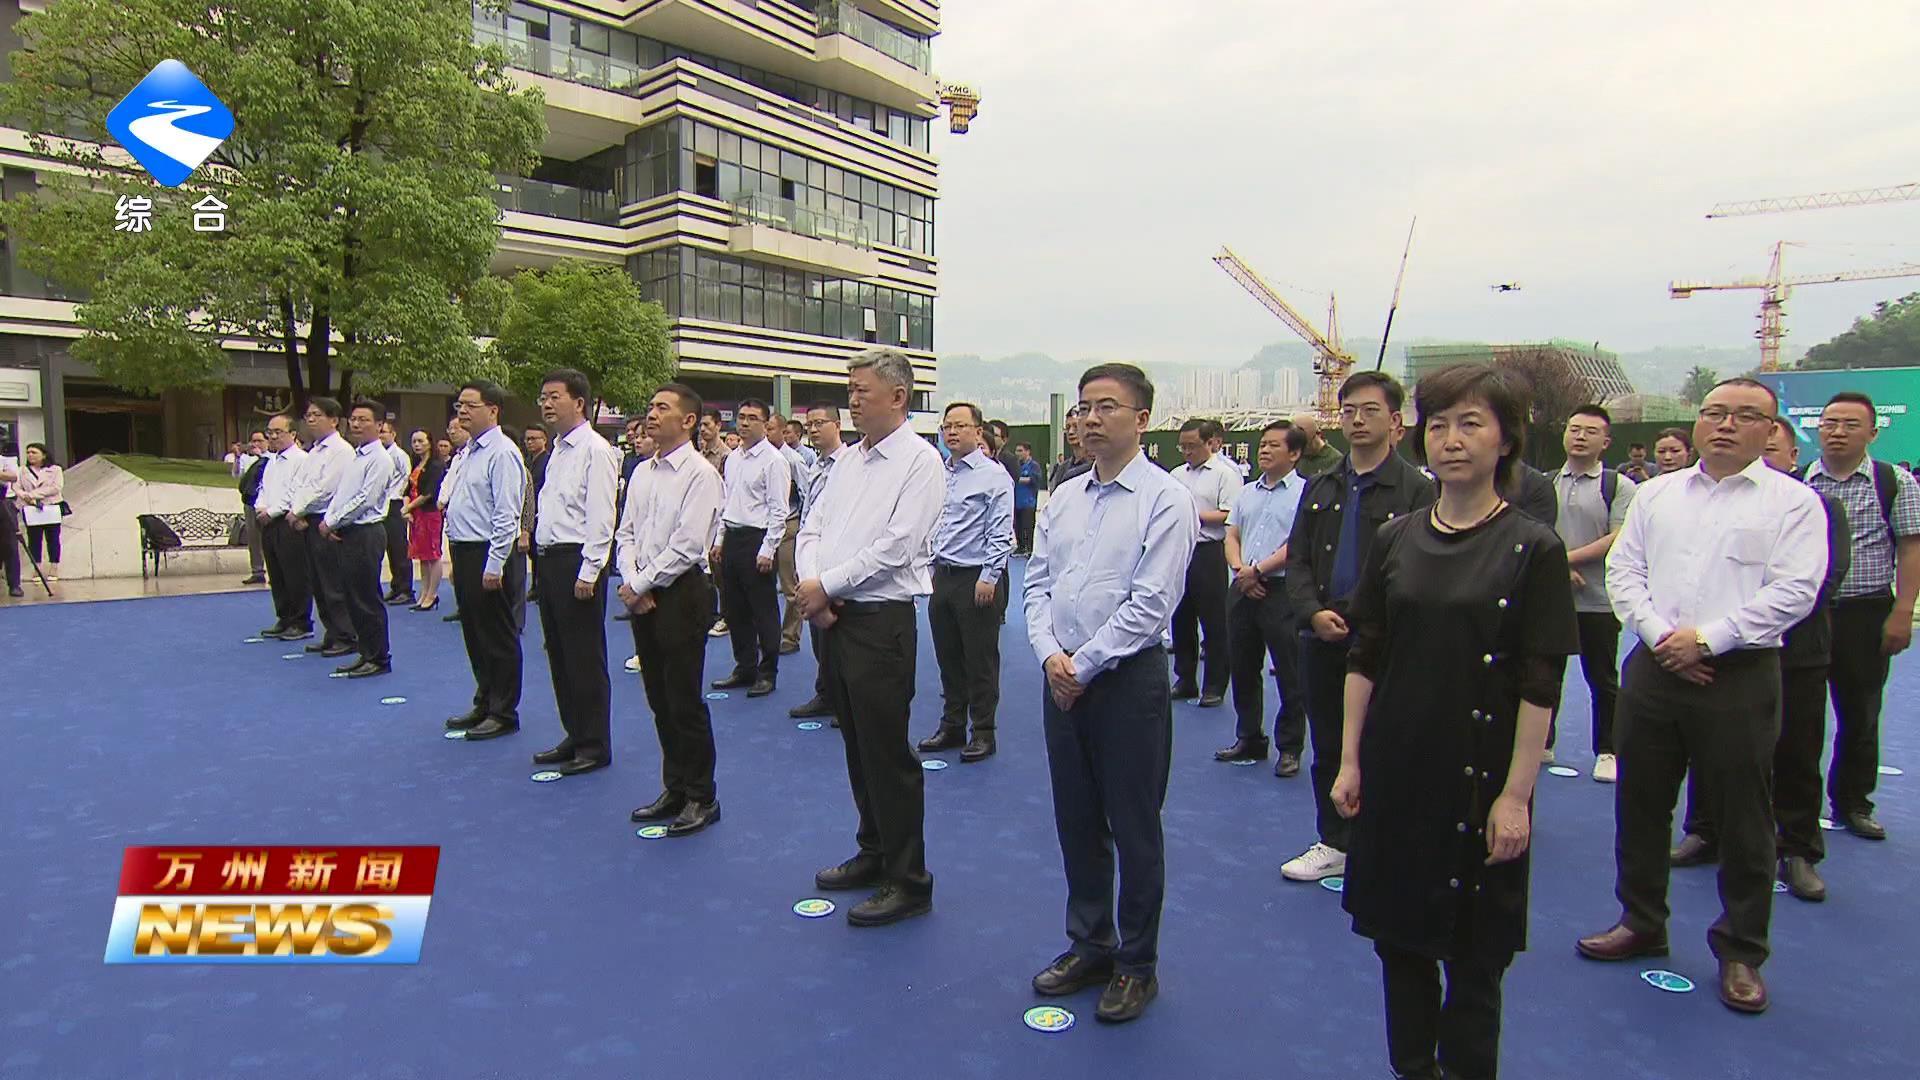 重庆两江数字经济产业园万州园揭牌暨集中签约活动举行 莫恭明段成刚出席并揭牌